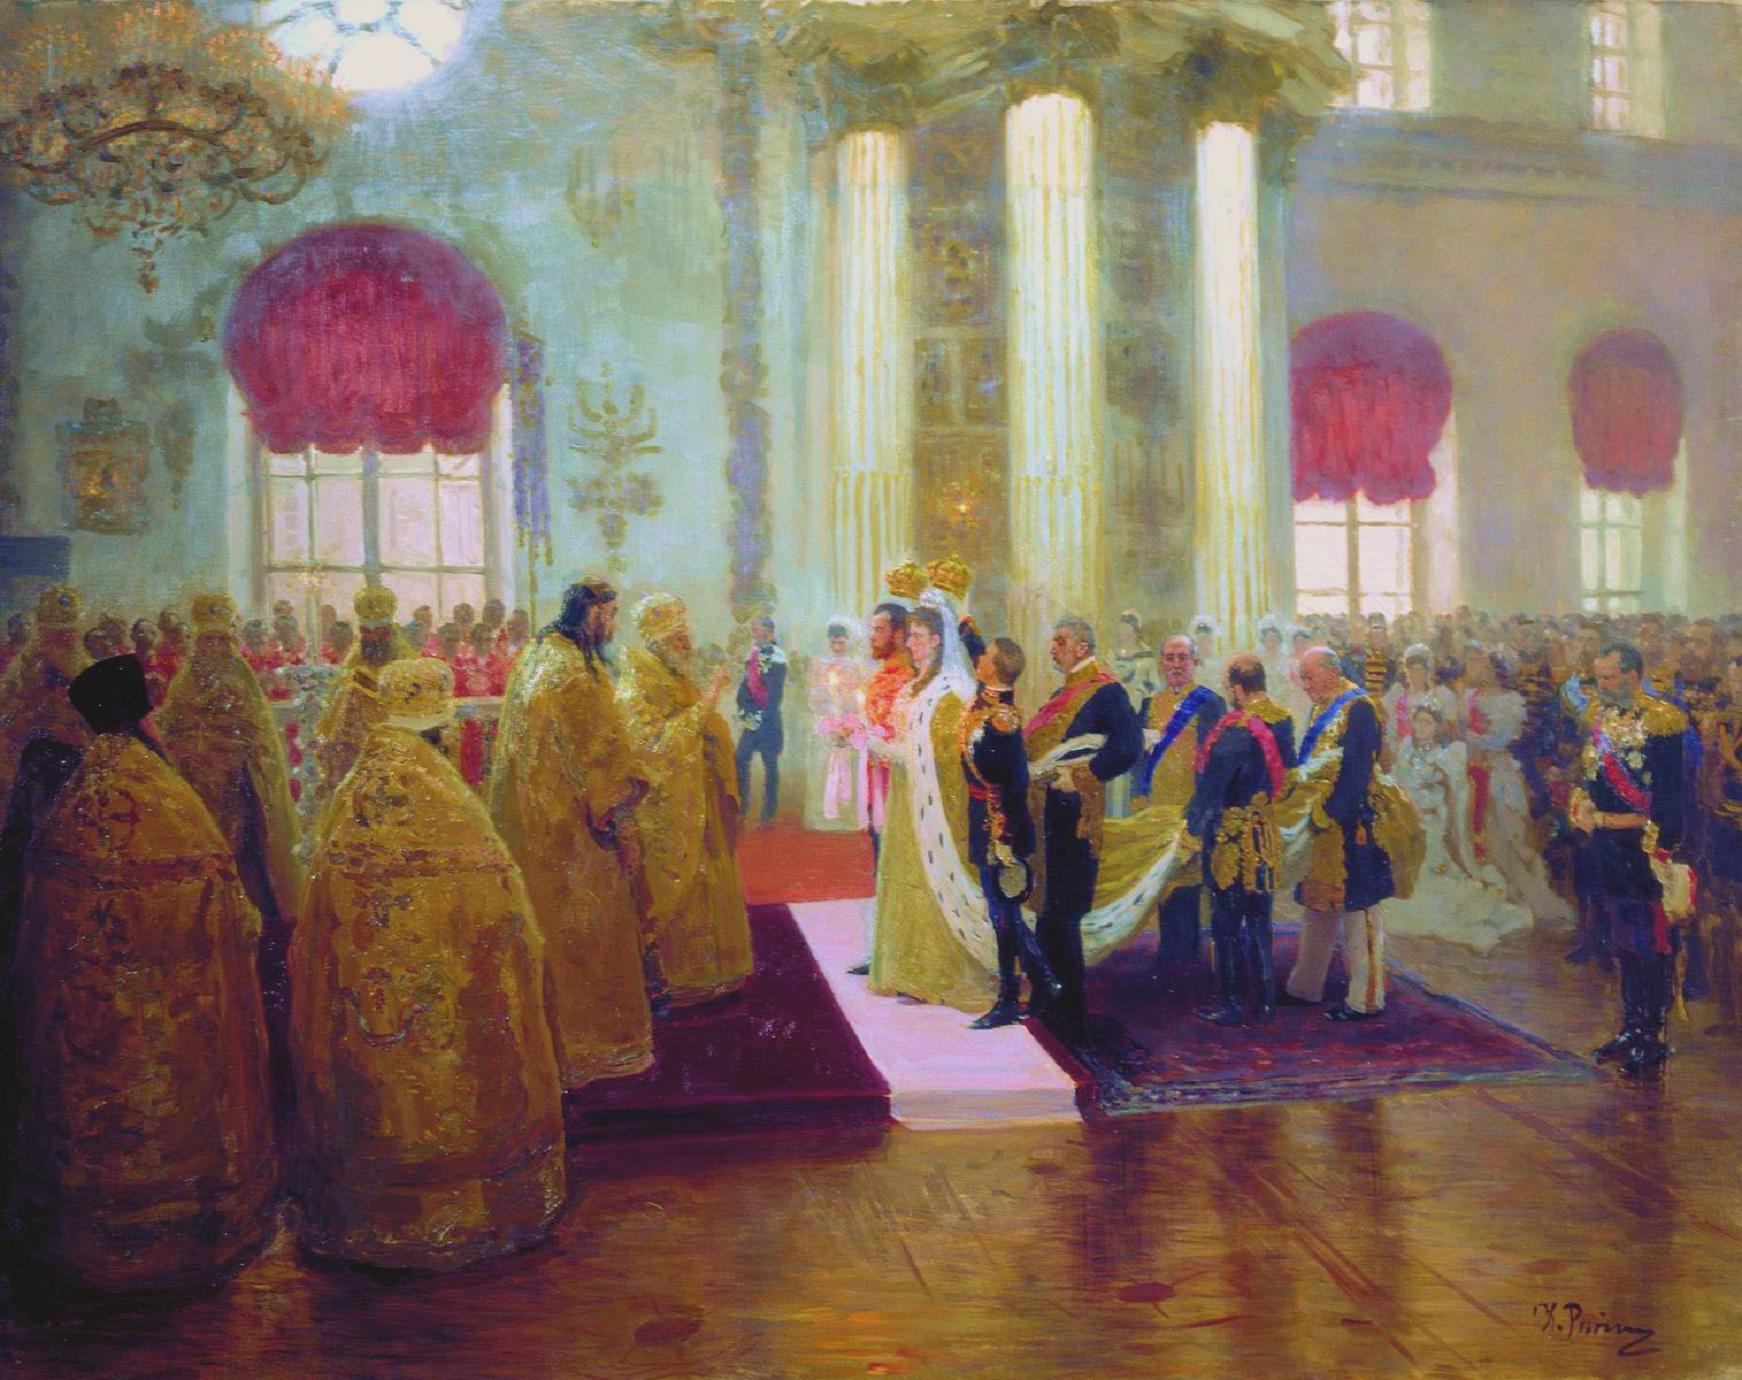 Ο γάμος του τσάρου Αγίου Νικόλαου Αλεξάντροβιτς και της Αγίας Αλεξάνδρας Θεοδώροβνας. Έργο του Ilya Repin (1894)